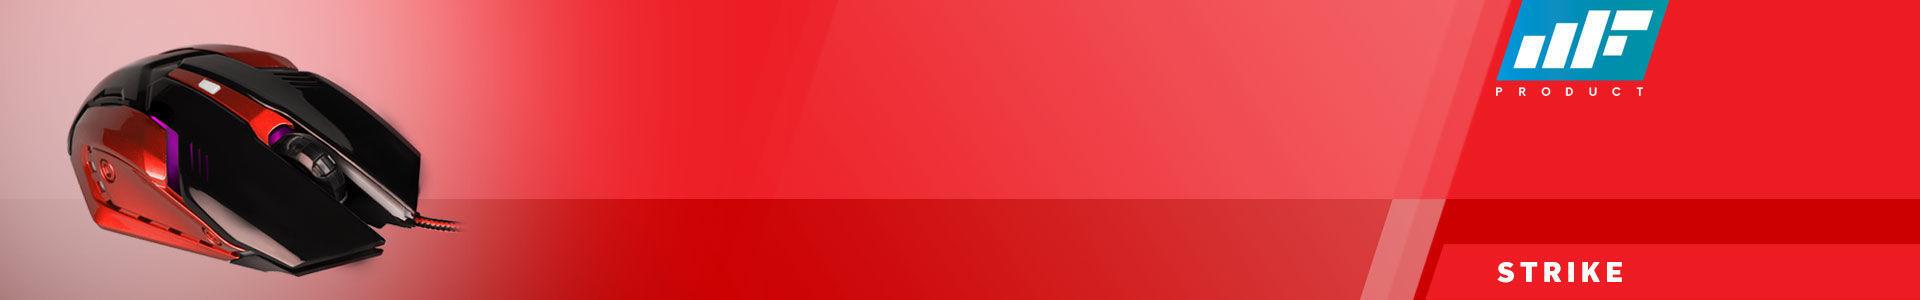 MF Product Strike 0111 Kablolu Rgb Gaming Mouse Kırmızı, işte tam aradığın ürün!